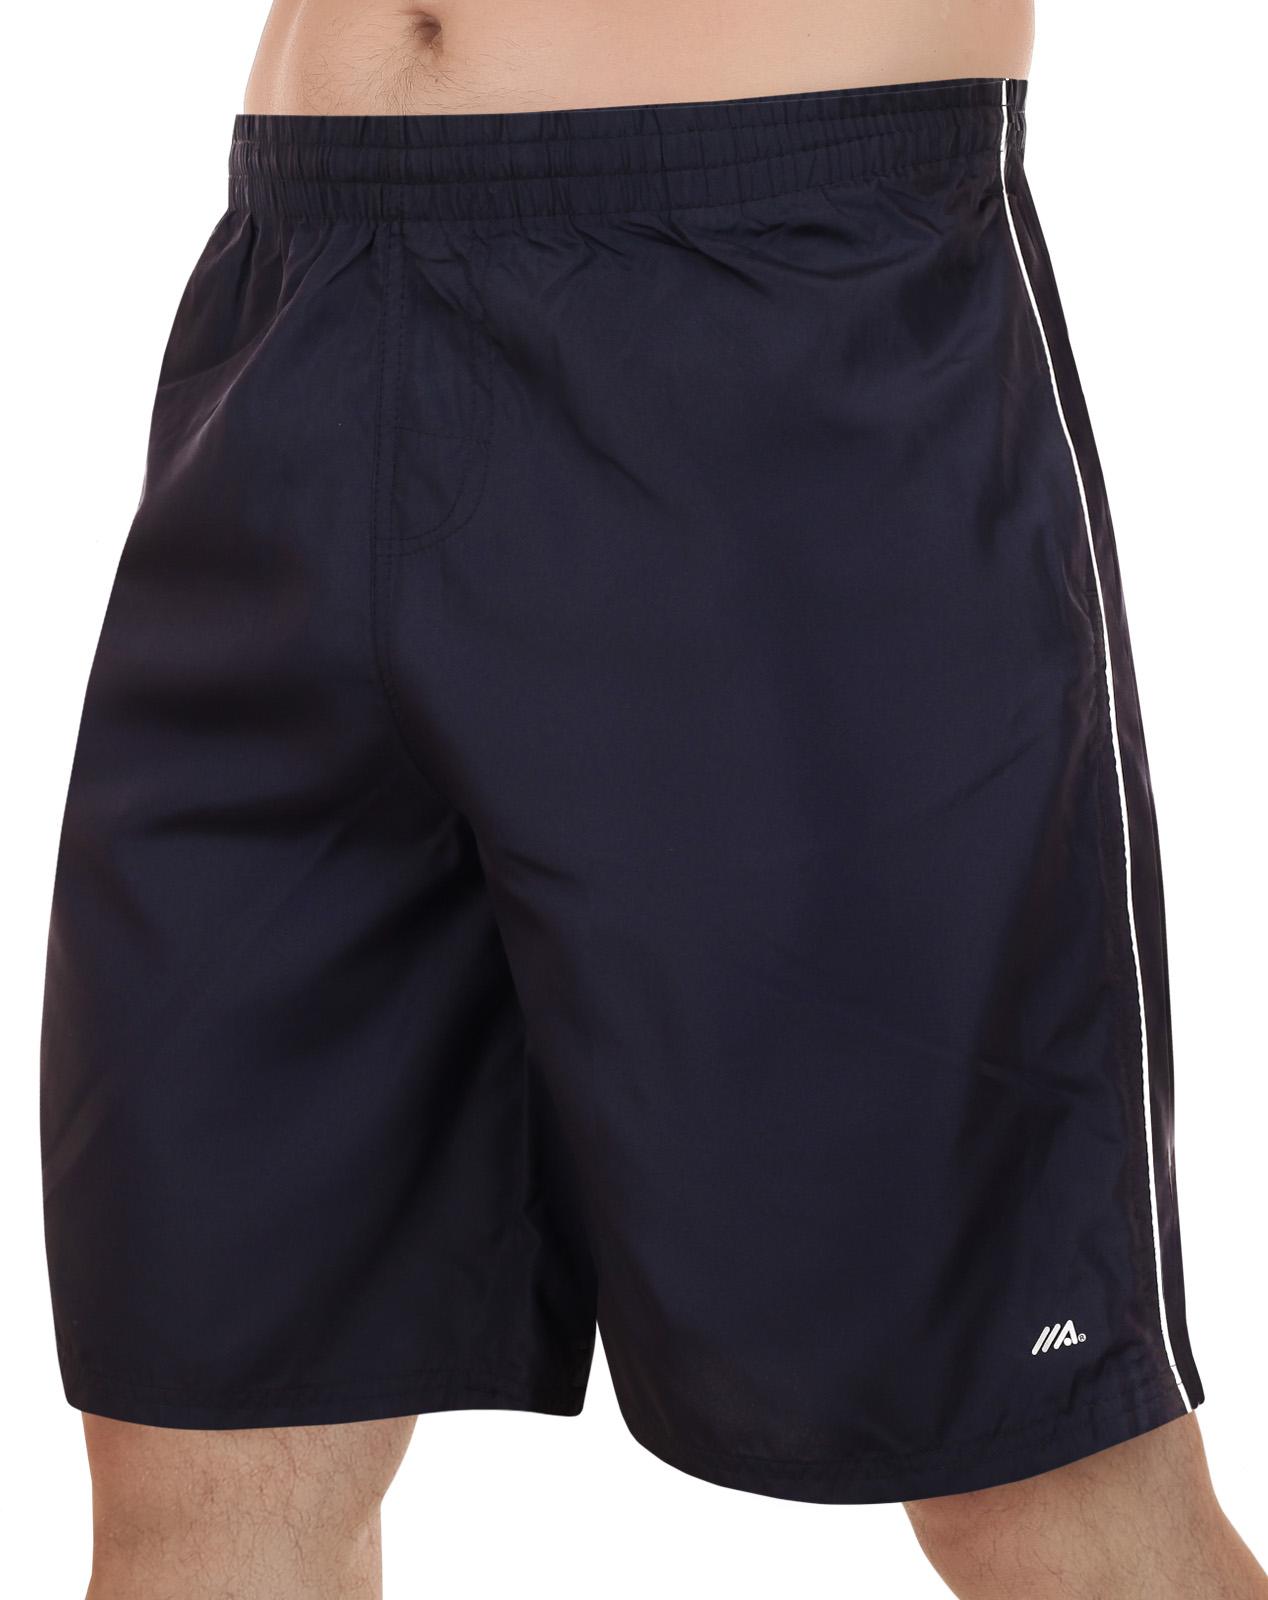 Мужские шорты от канадского бренда MACE стопудово лучшие для пляжа